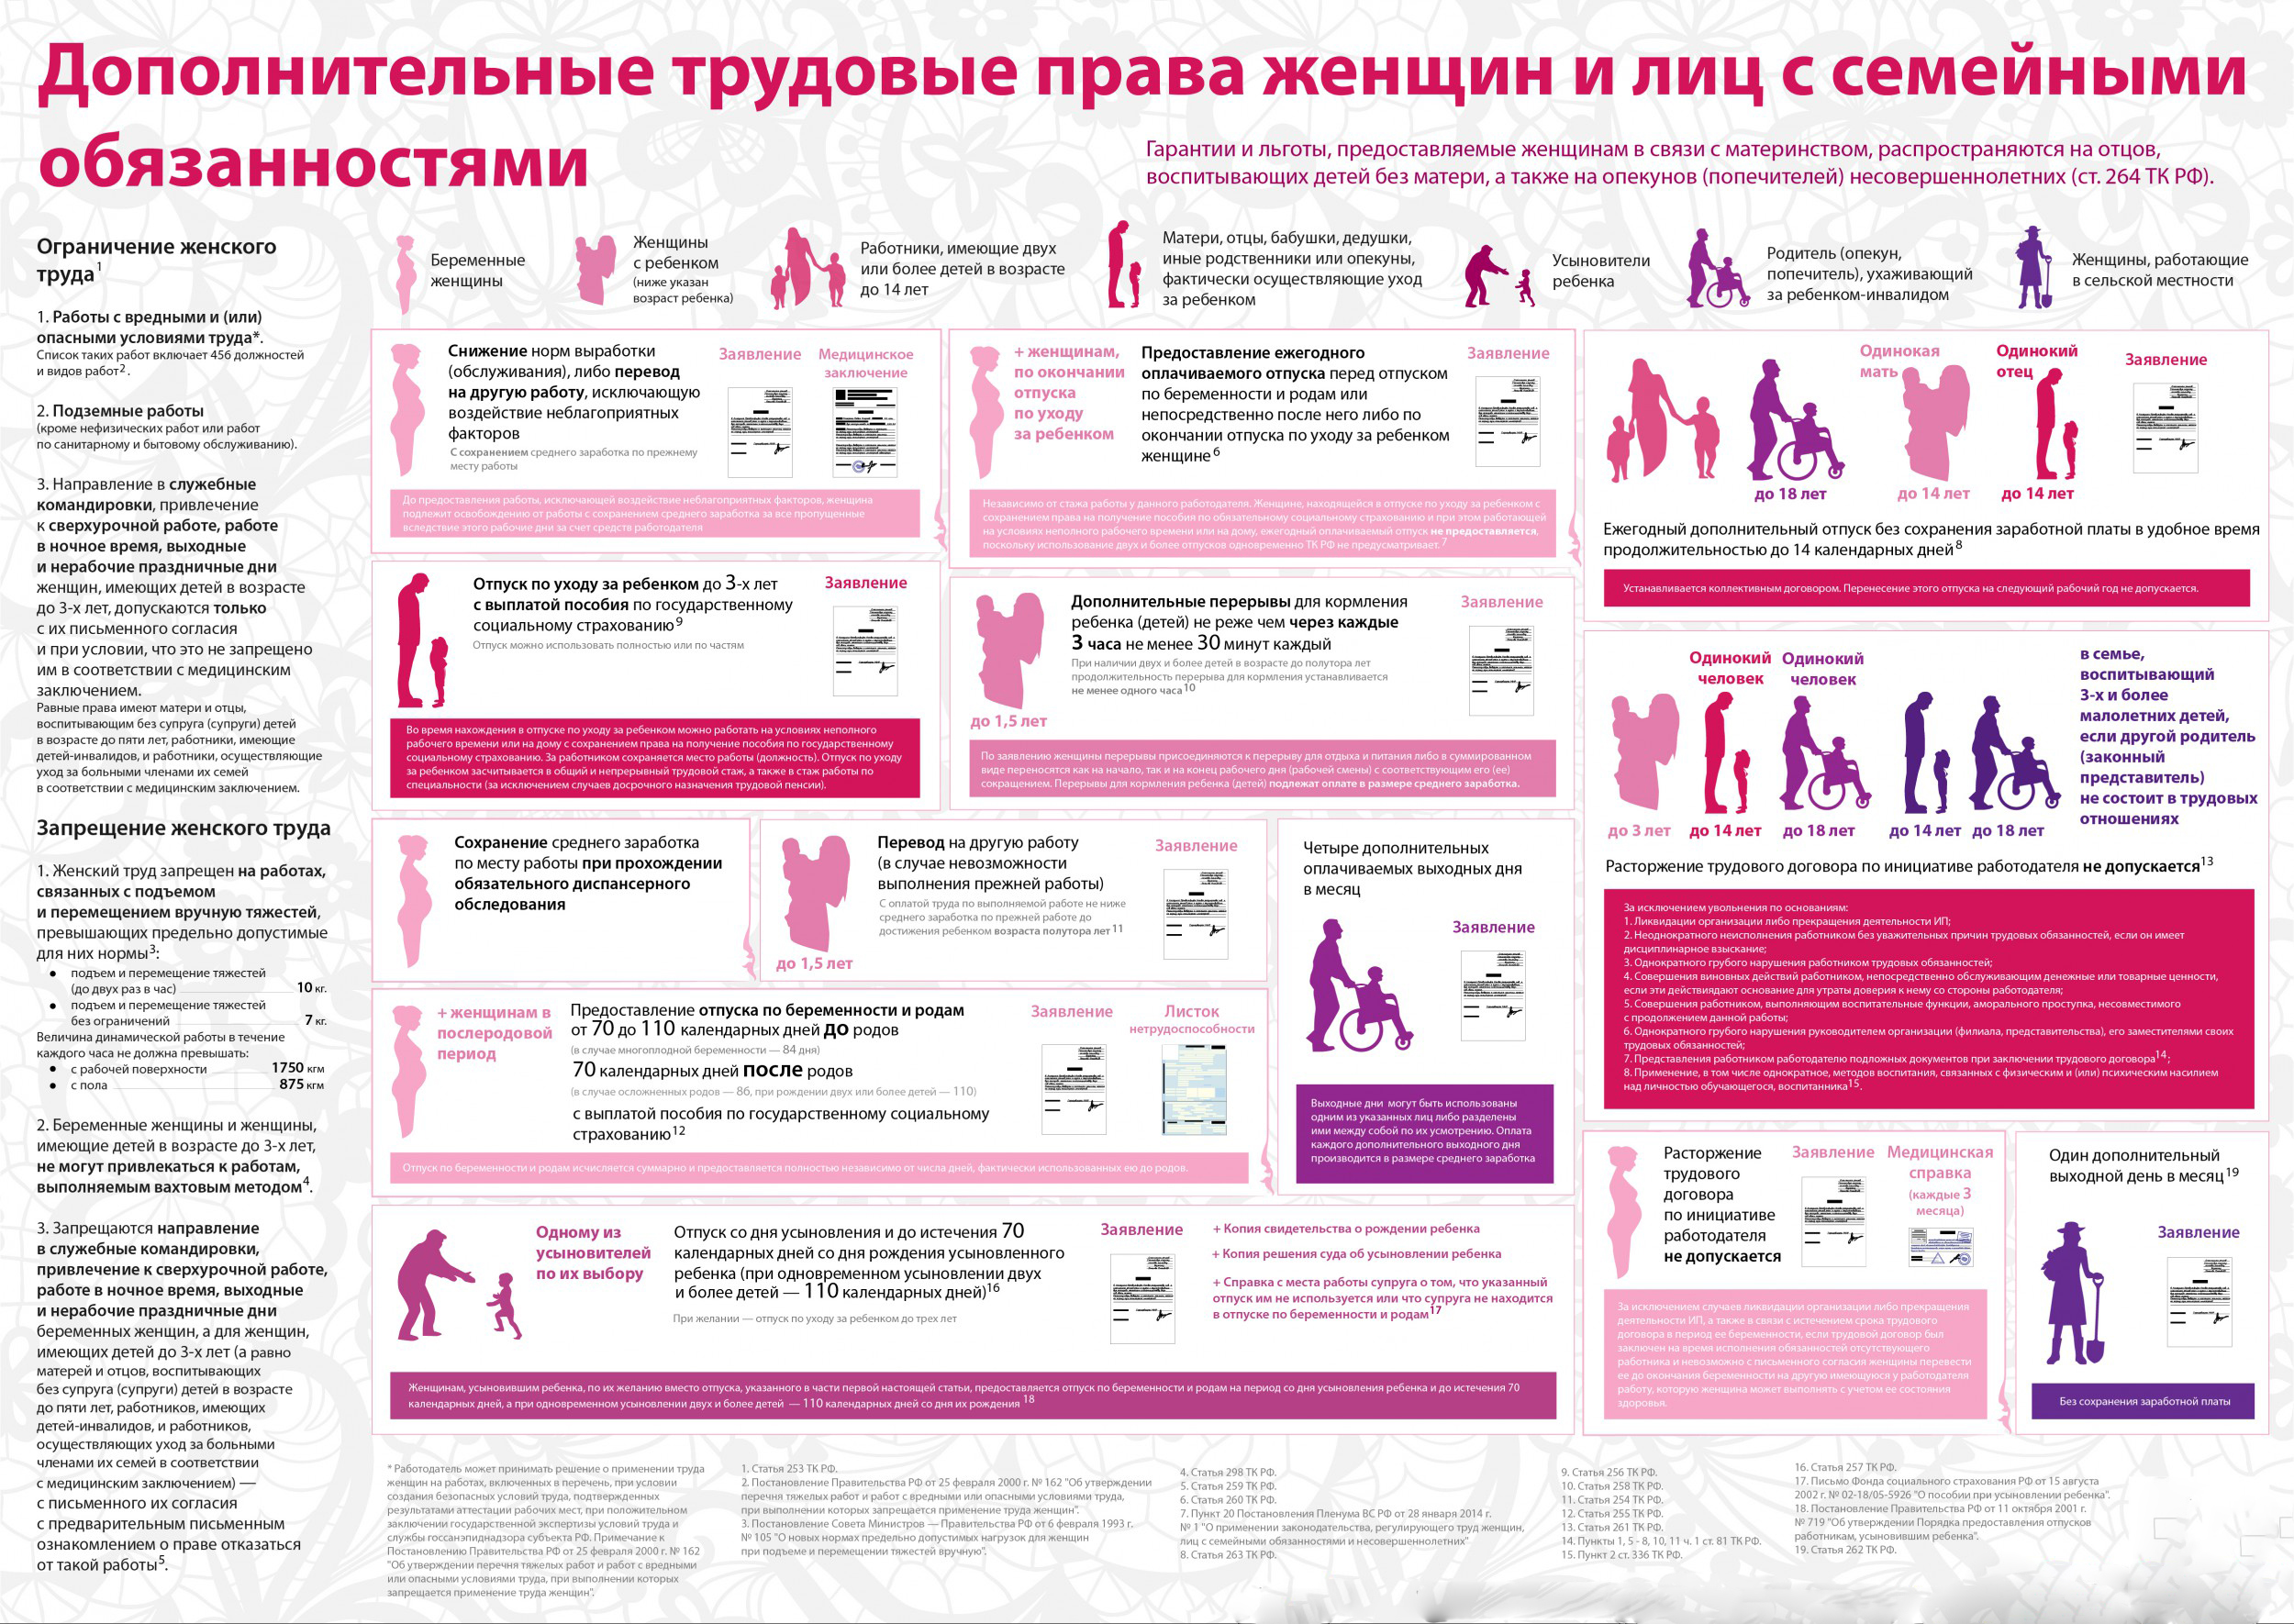 Льготы беременным - трудовые, медицинские и социальные